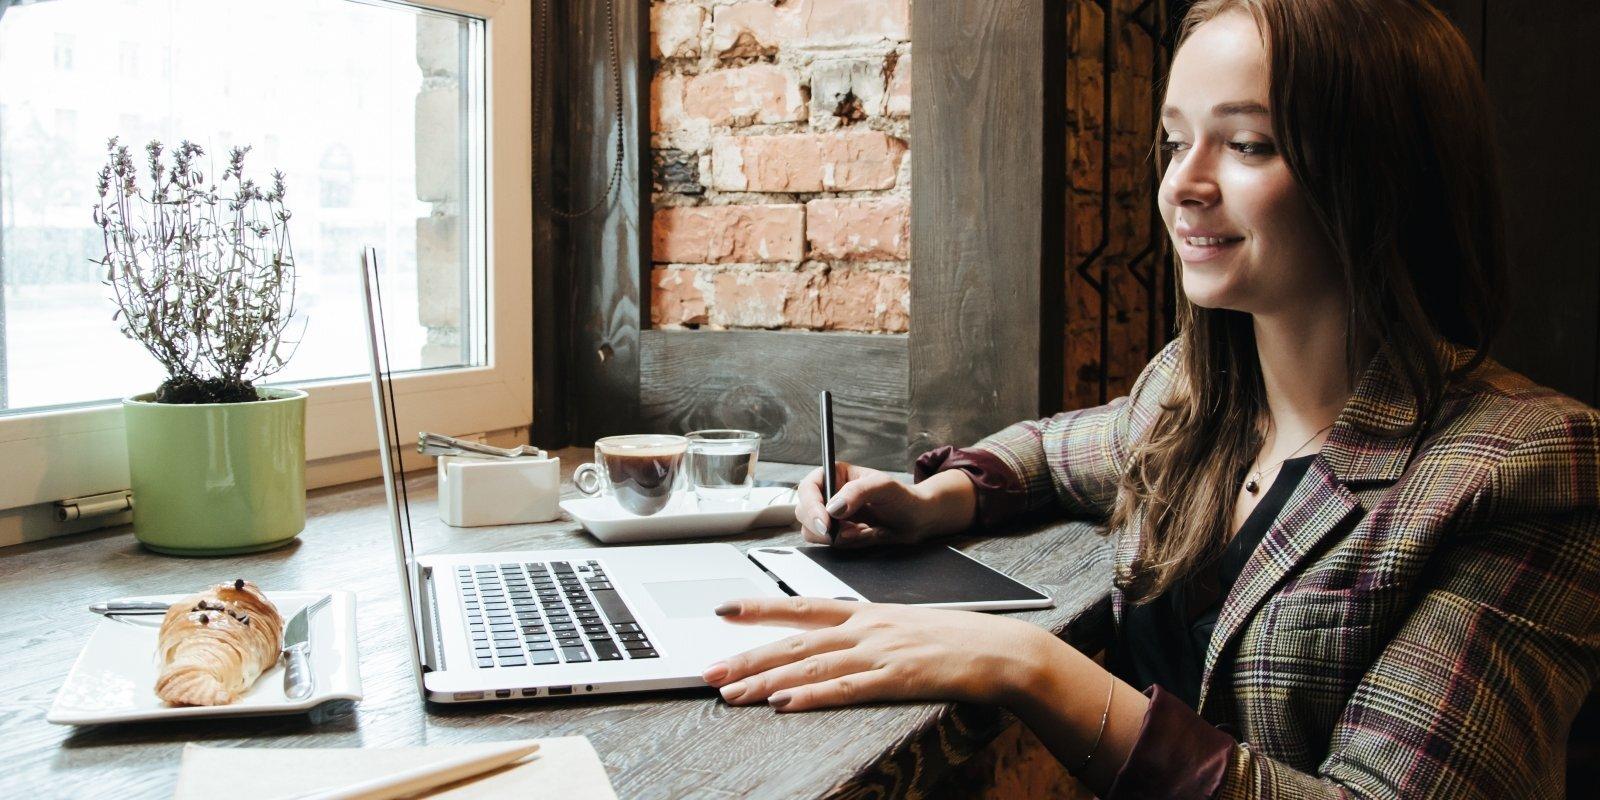 Личный опыт. Школа онлайн — чрезвычайная ситуация или лучше навсегда?